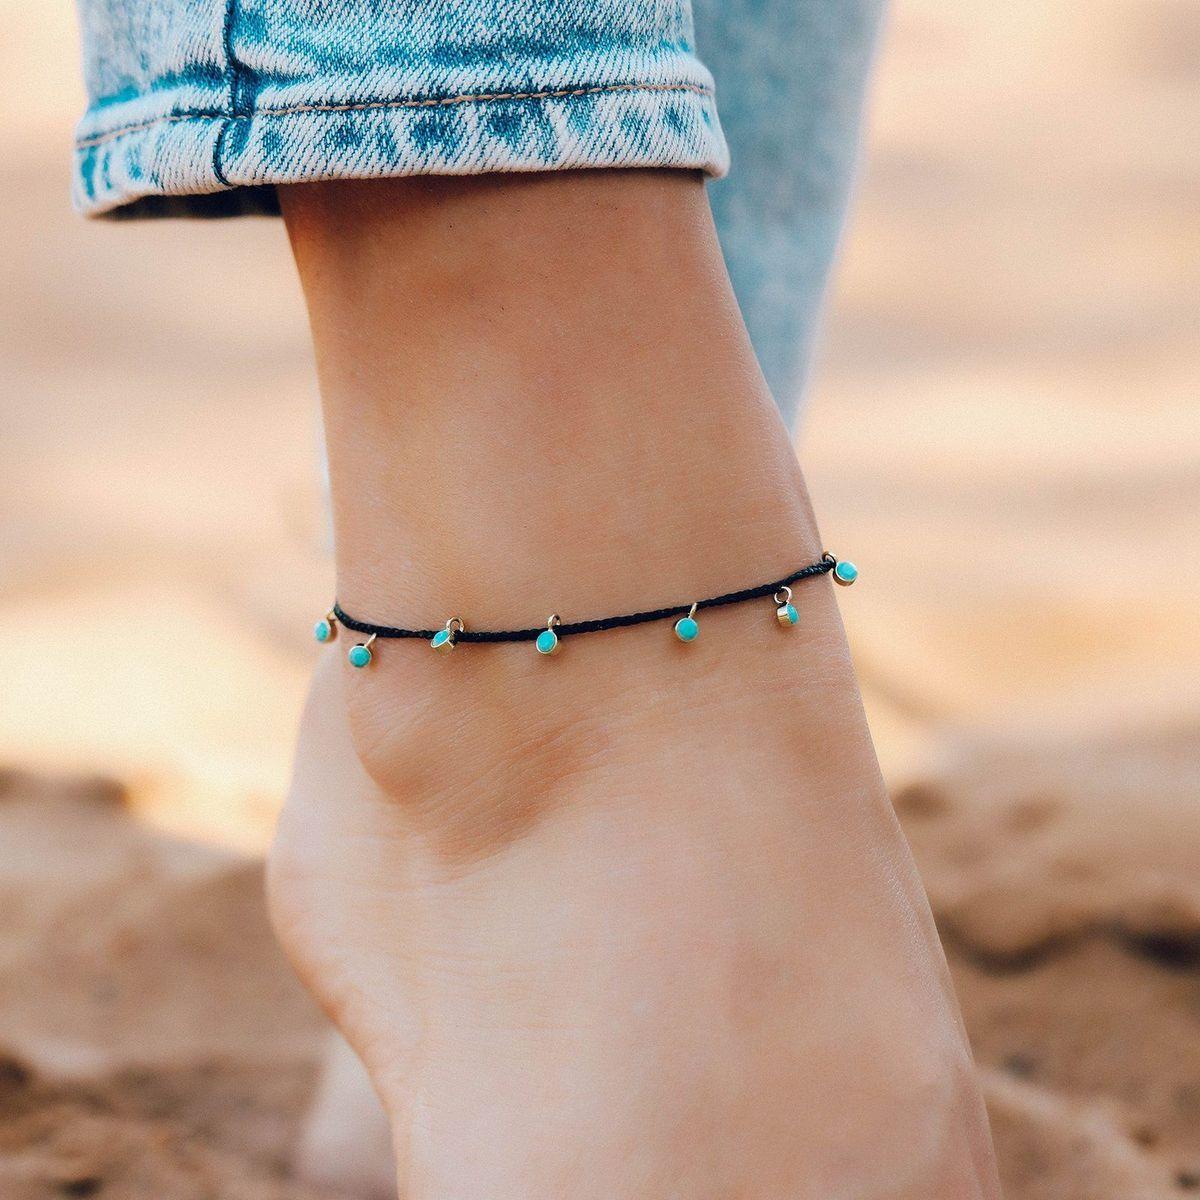 Dangling Gems Anklet   Pura Vida Bracelets